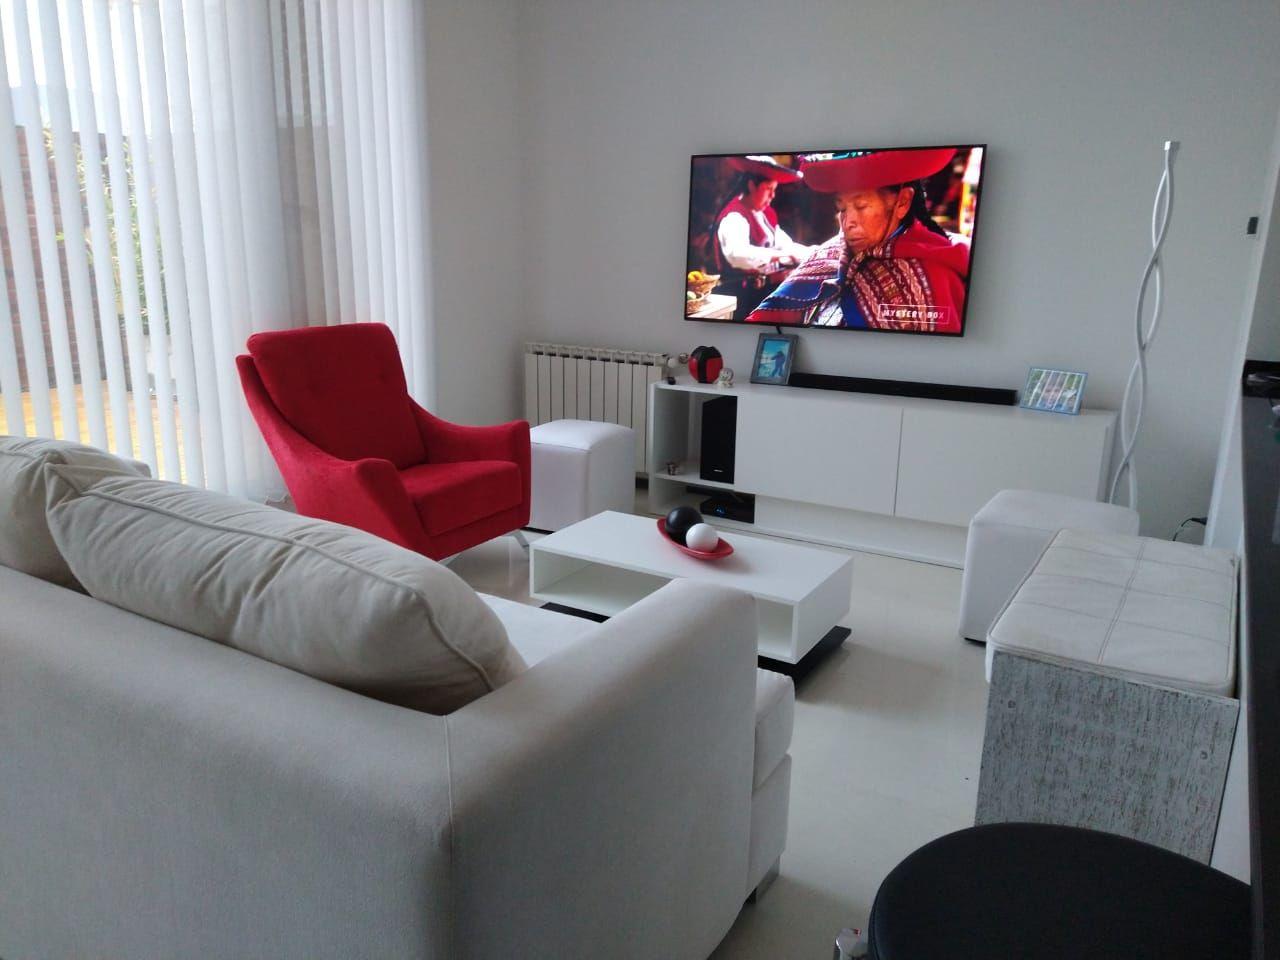 Departamento en venta de 2 dormitorios c/ cochera en Santa Genoveva